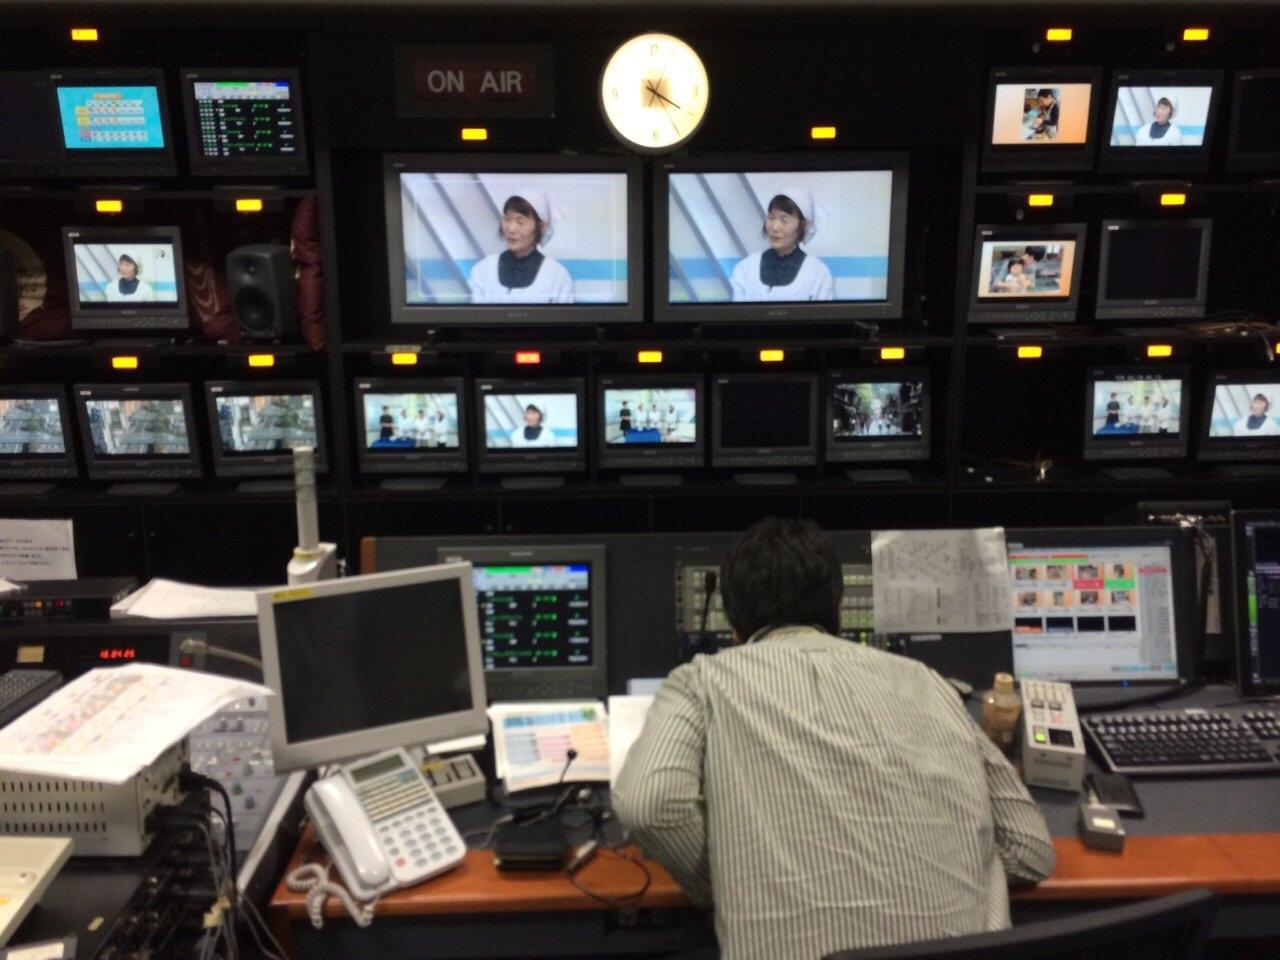 栗きんとん絞り体験テレビ収録―岐阜テレビ_d0063218_1051259.jpg